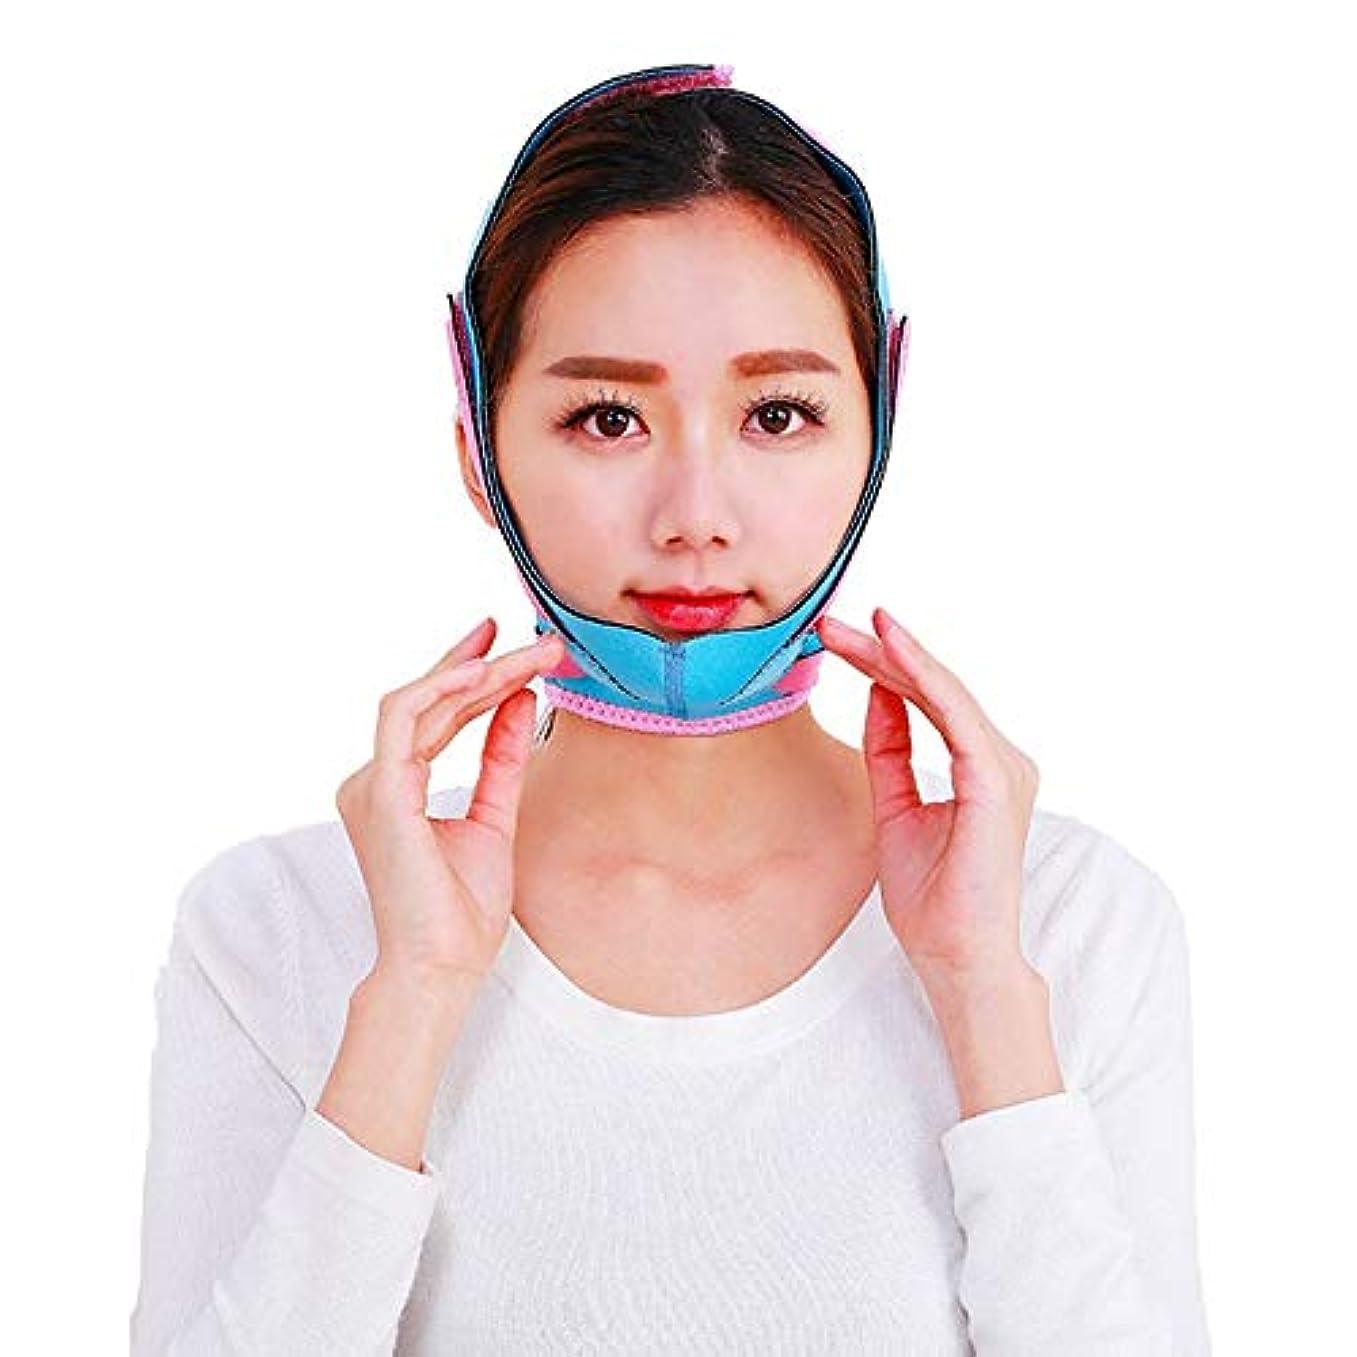 スロットうなずく第四薄い顔のベルト - 薄い顔のベルト通気性のある顔の包帯前面のリフティングマスクVの顔薄い面の小さな持ち上げツール